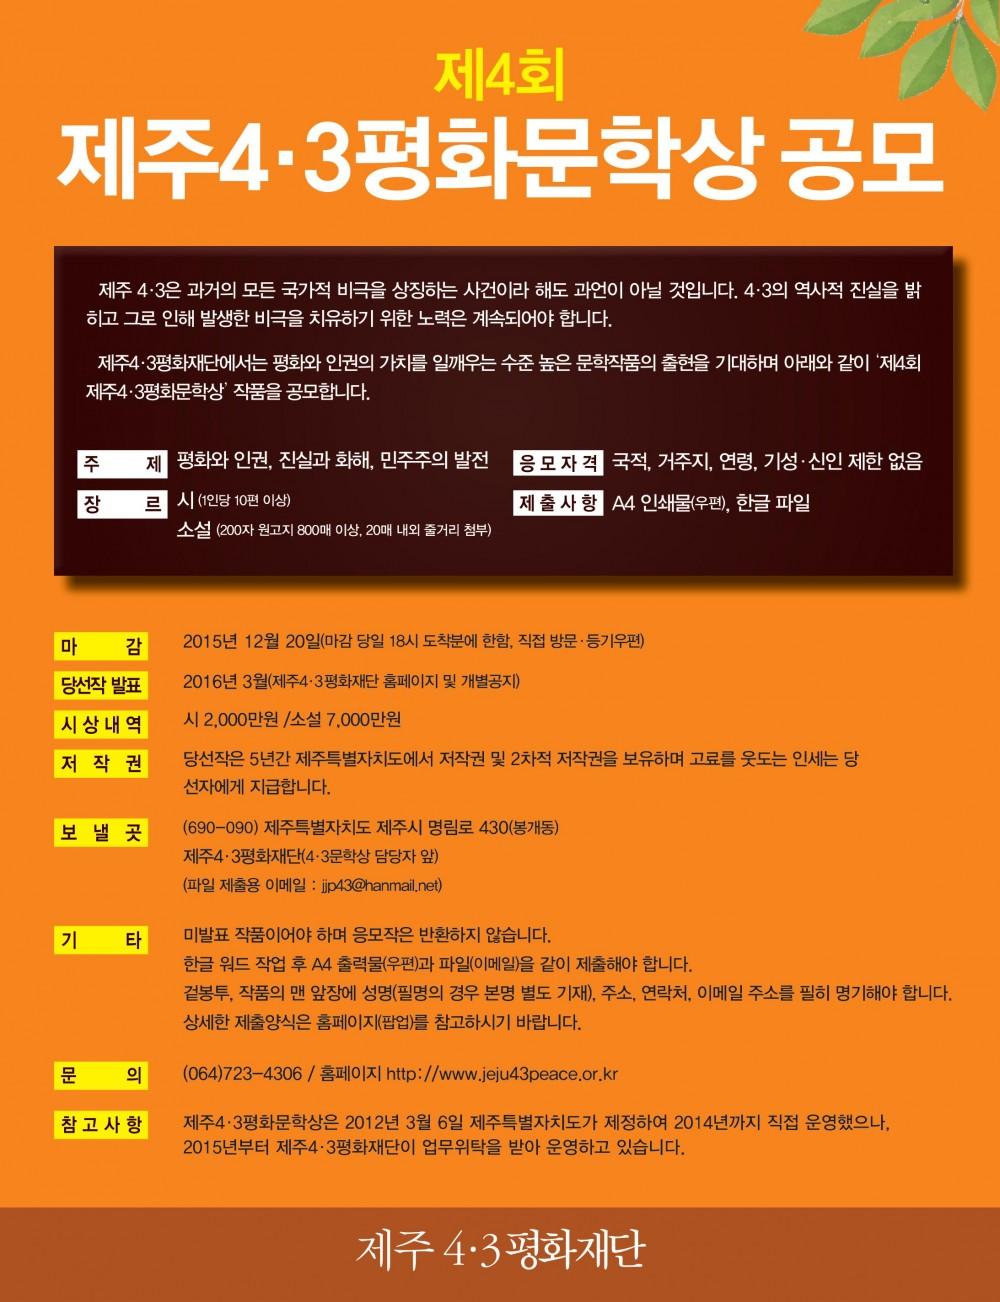 제4회 제주4.3평화문학상공모